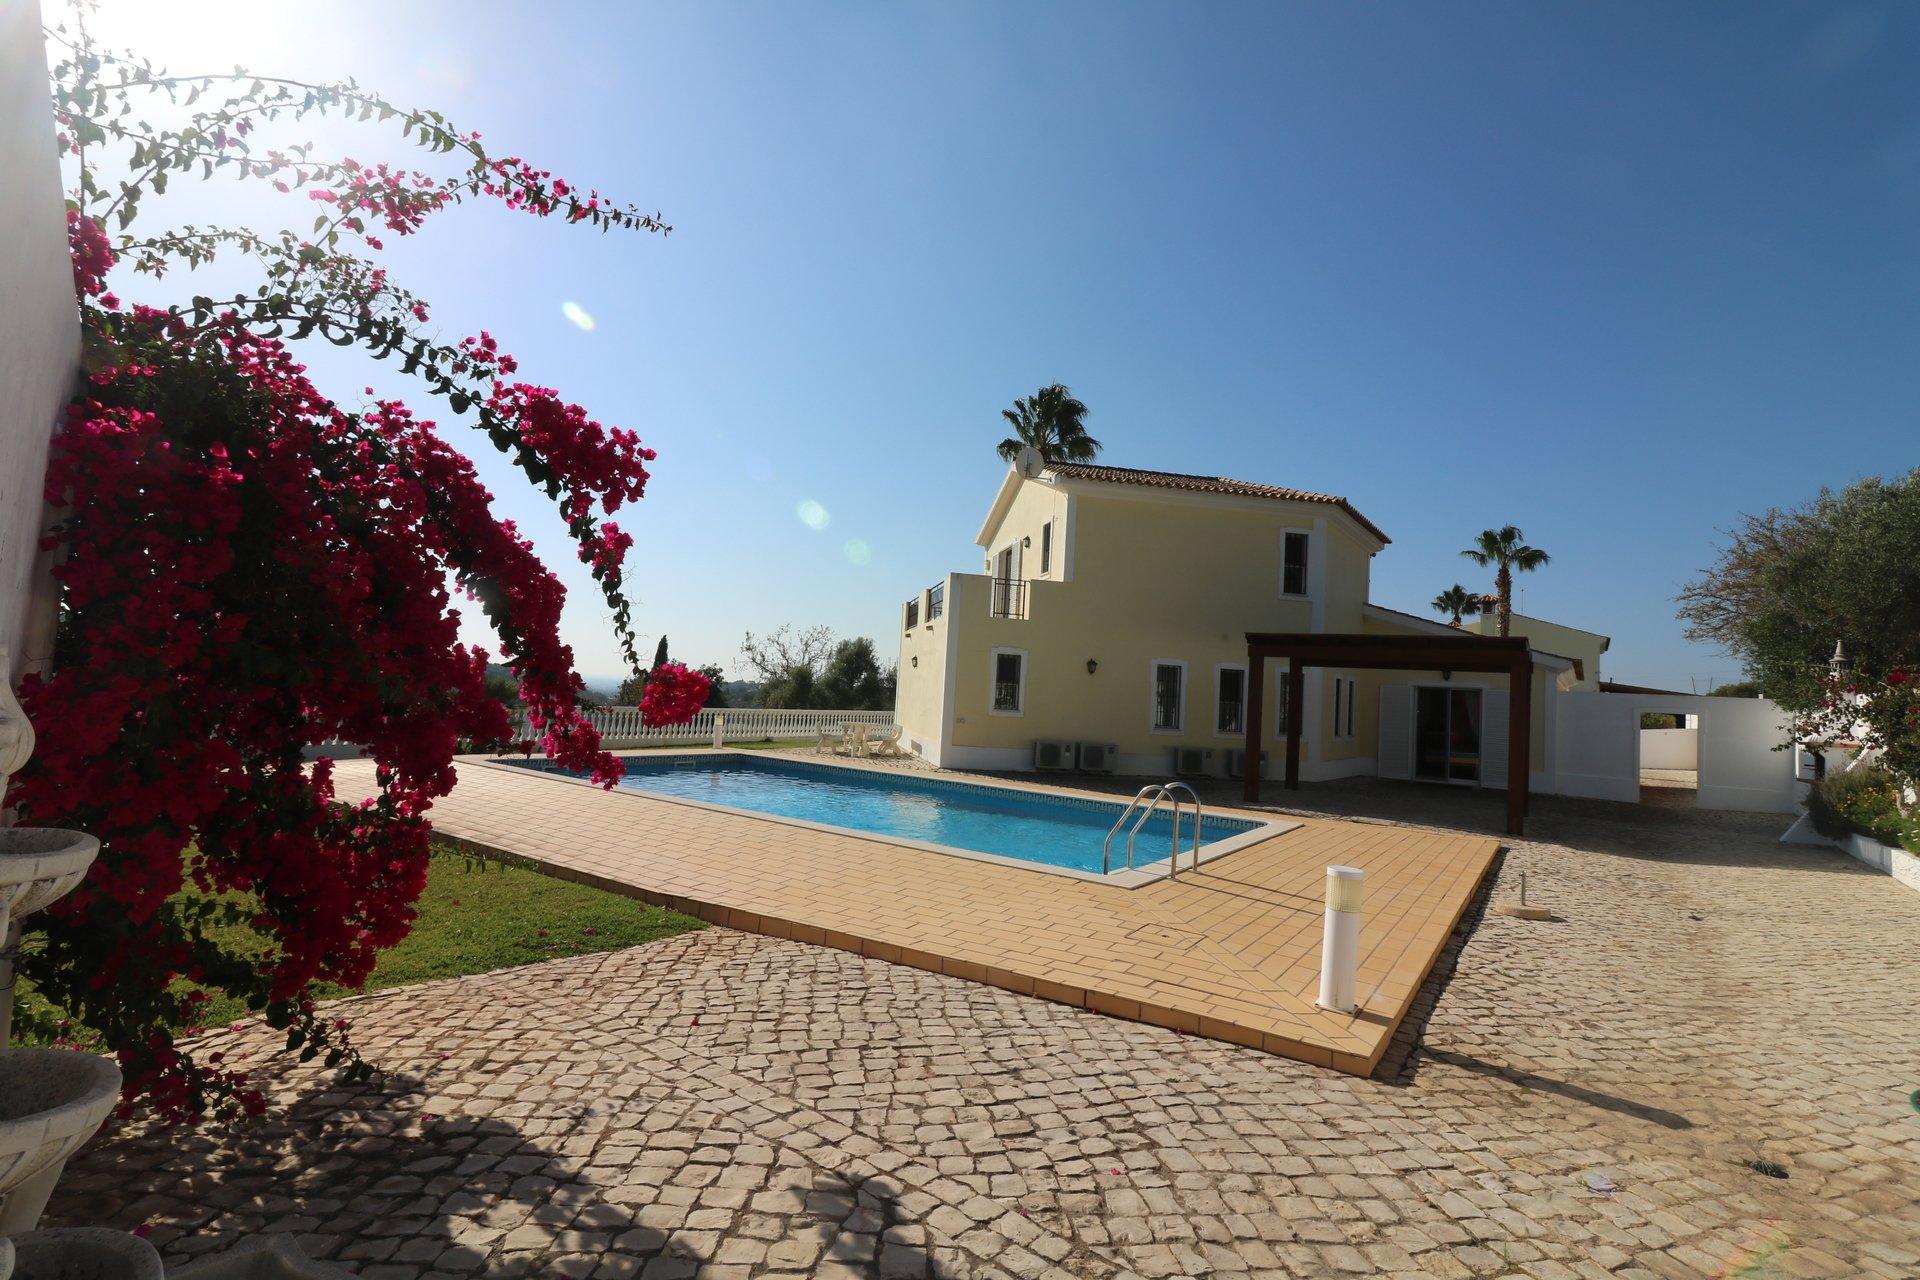 3 Bedroom Villa Loule, Central Algarve Ref: JV10289